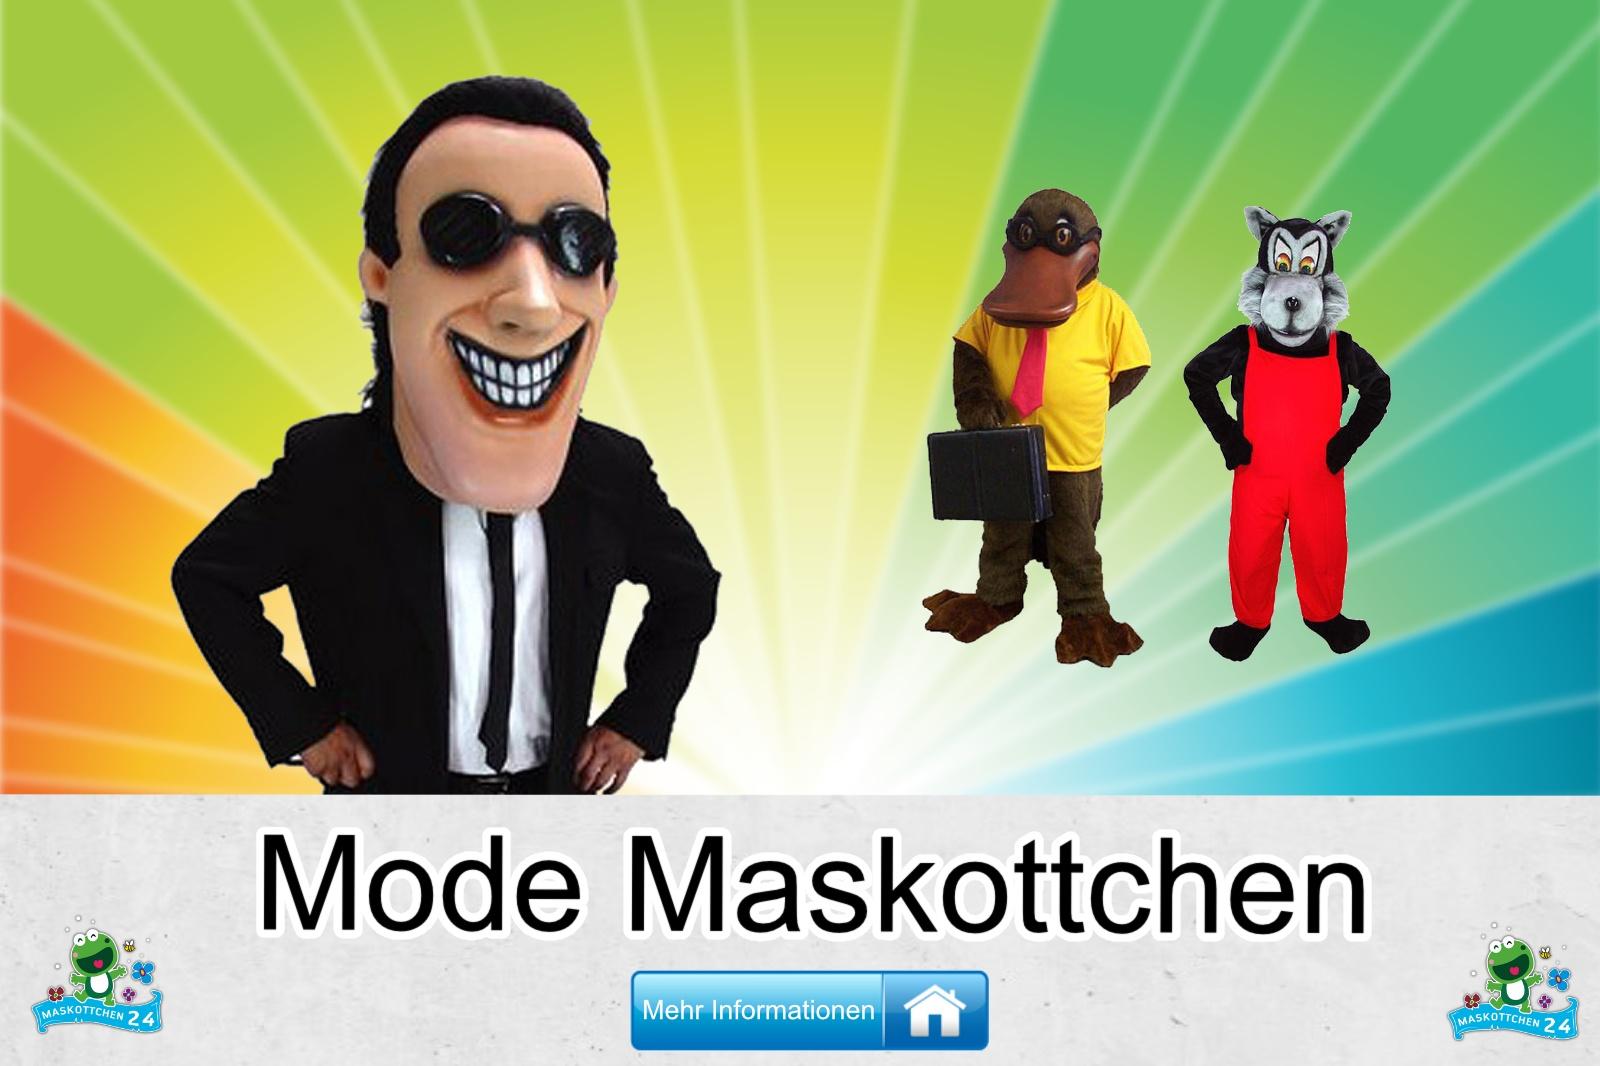 Mode Maskottchen Kostüm kaufen, günstige Produktion / Herstellung